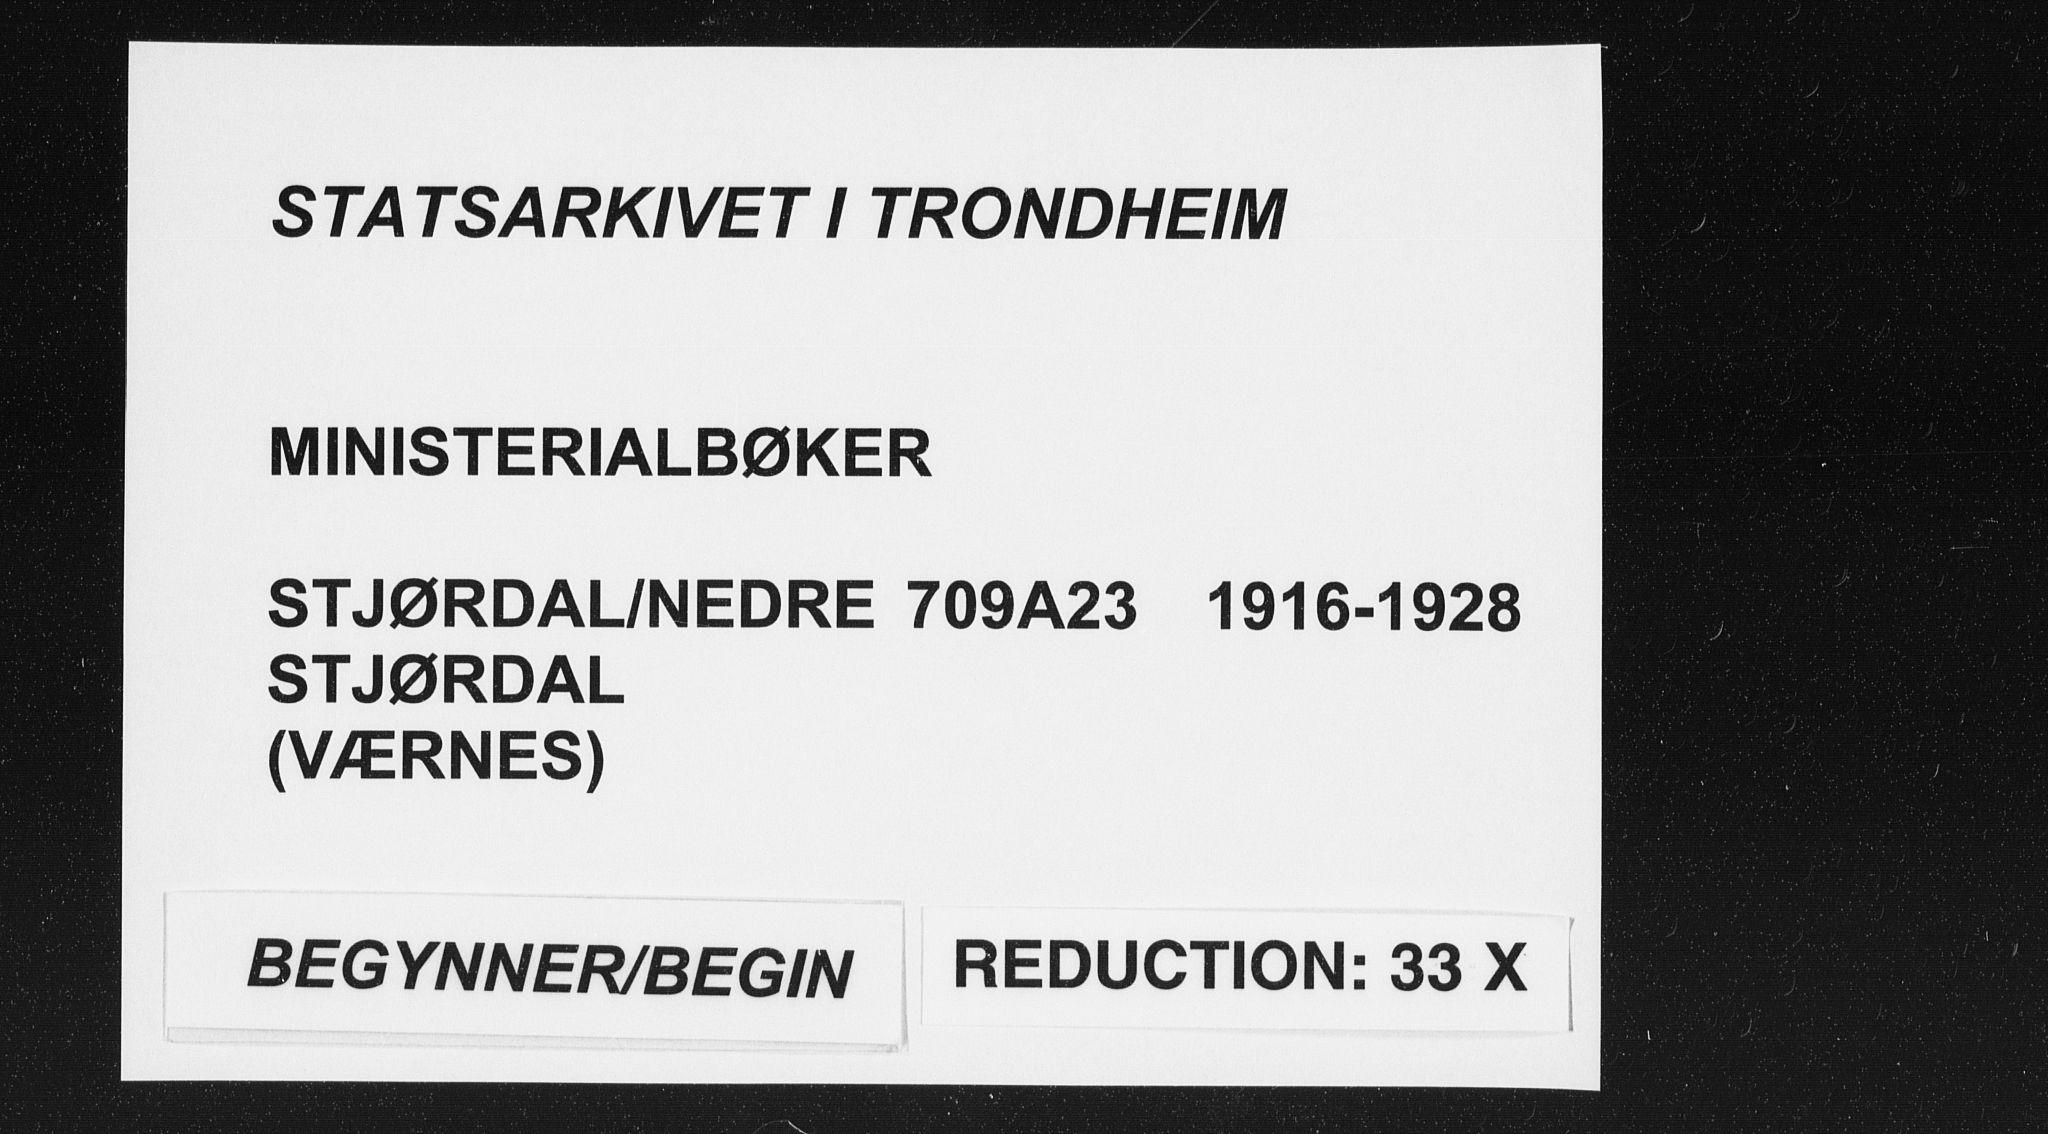 SAT, Ministerialprotokoller, klokkerbøker og fødselsregistre - Nord-Trøndelag, 709/L0083: Ministerialbok nr. 709A23, 1916-1928